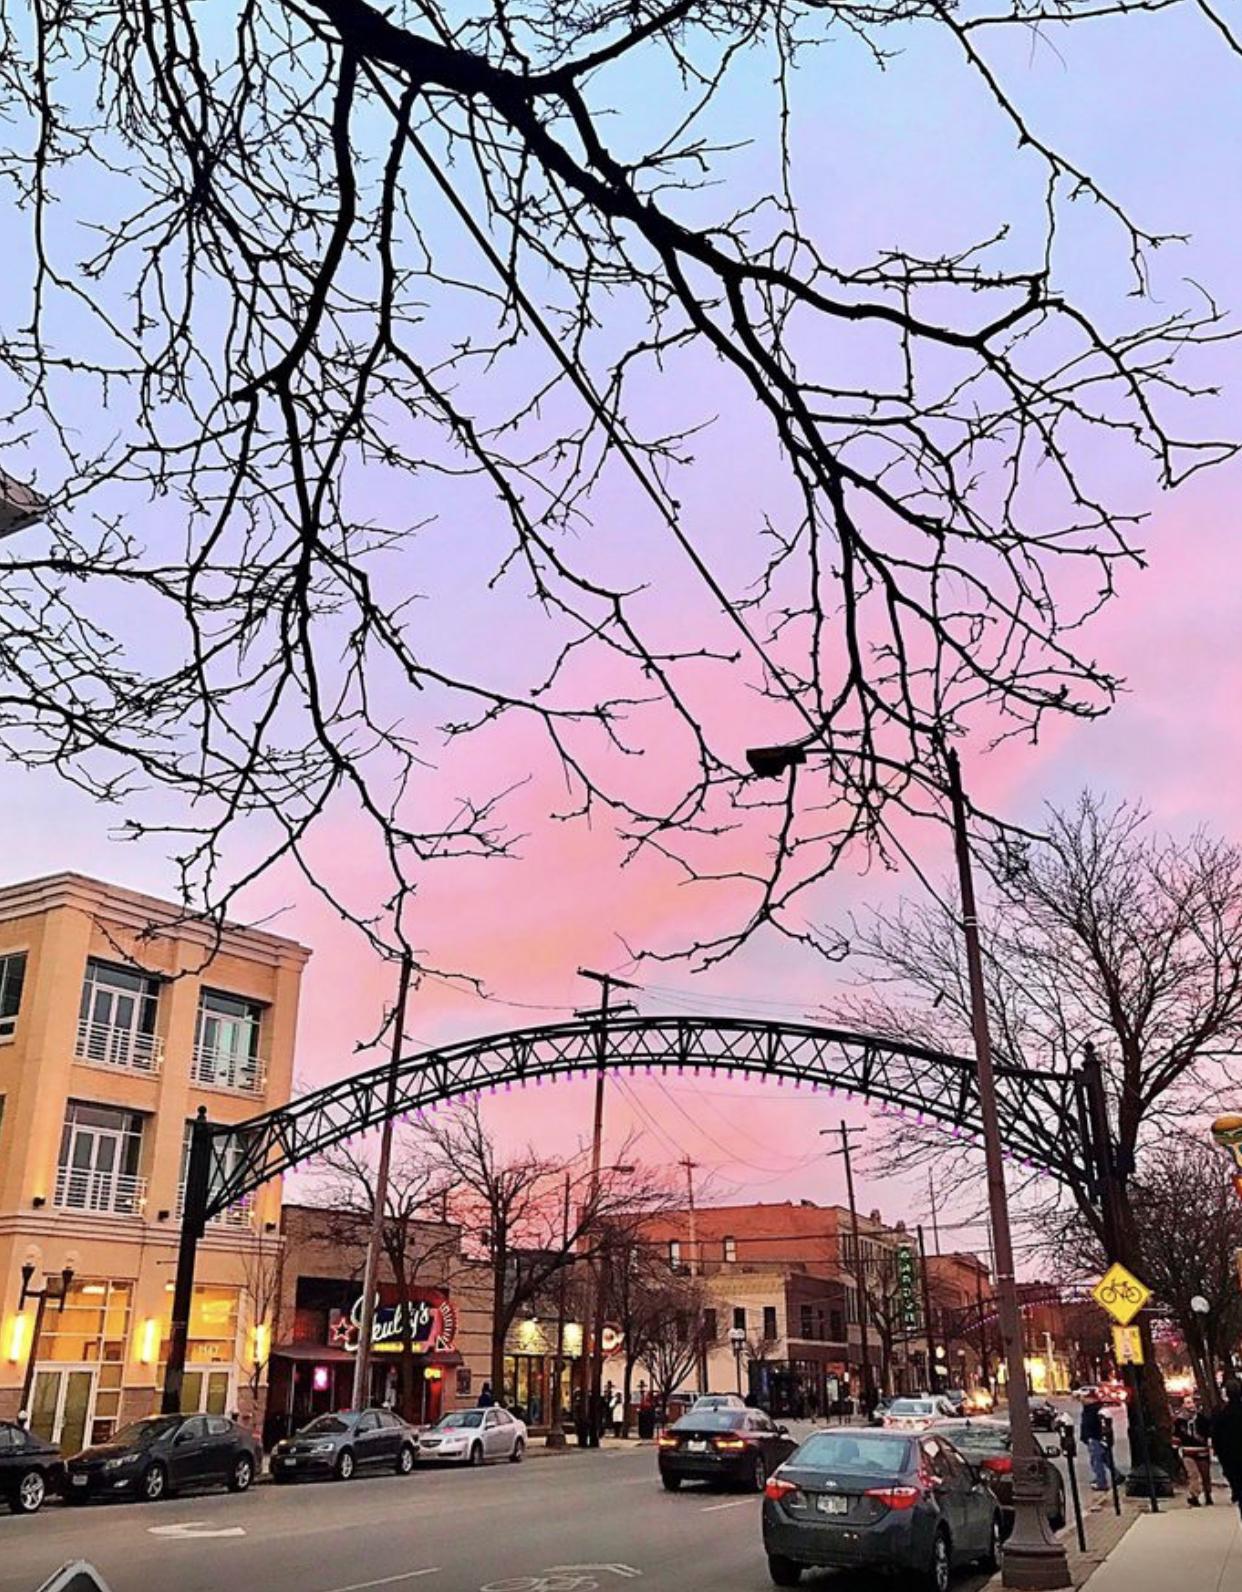 ショートノース | コロンバス(オハイオ)在住ズッキーニさんのおすすめ観光スポット